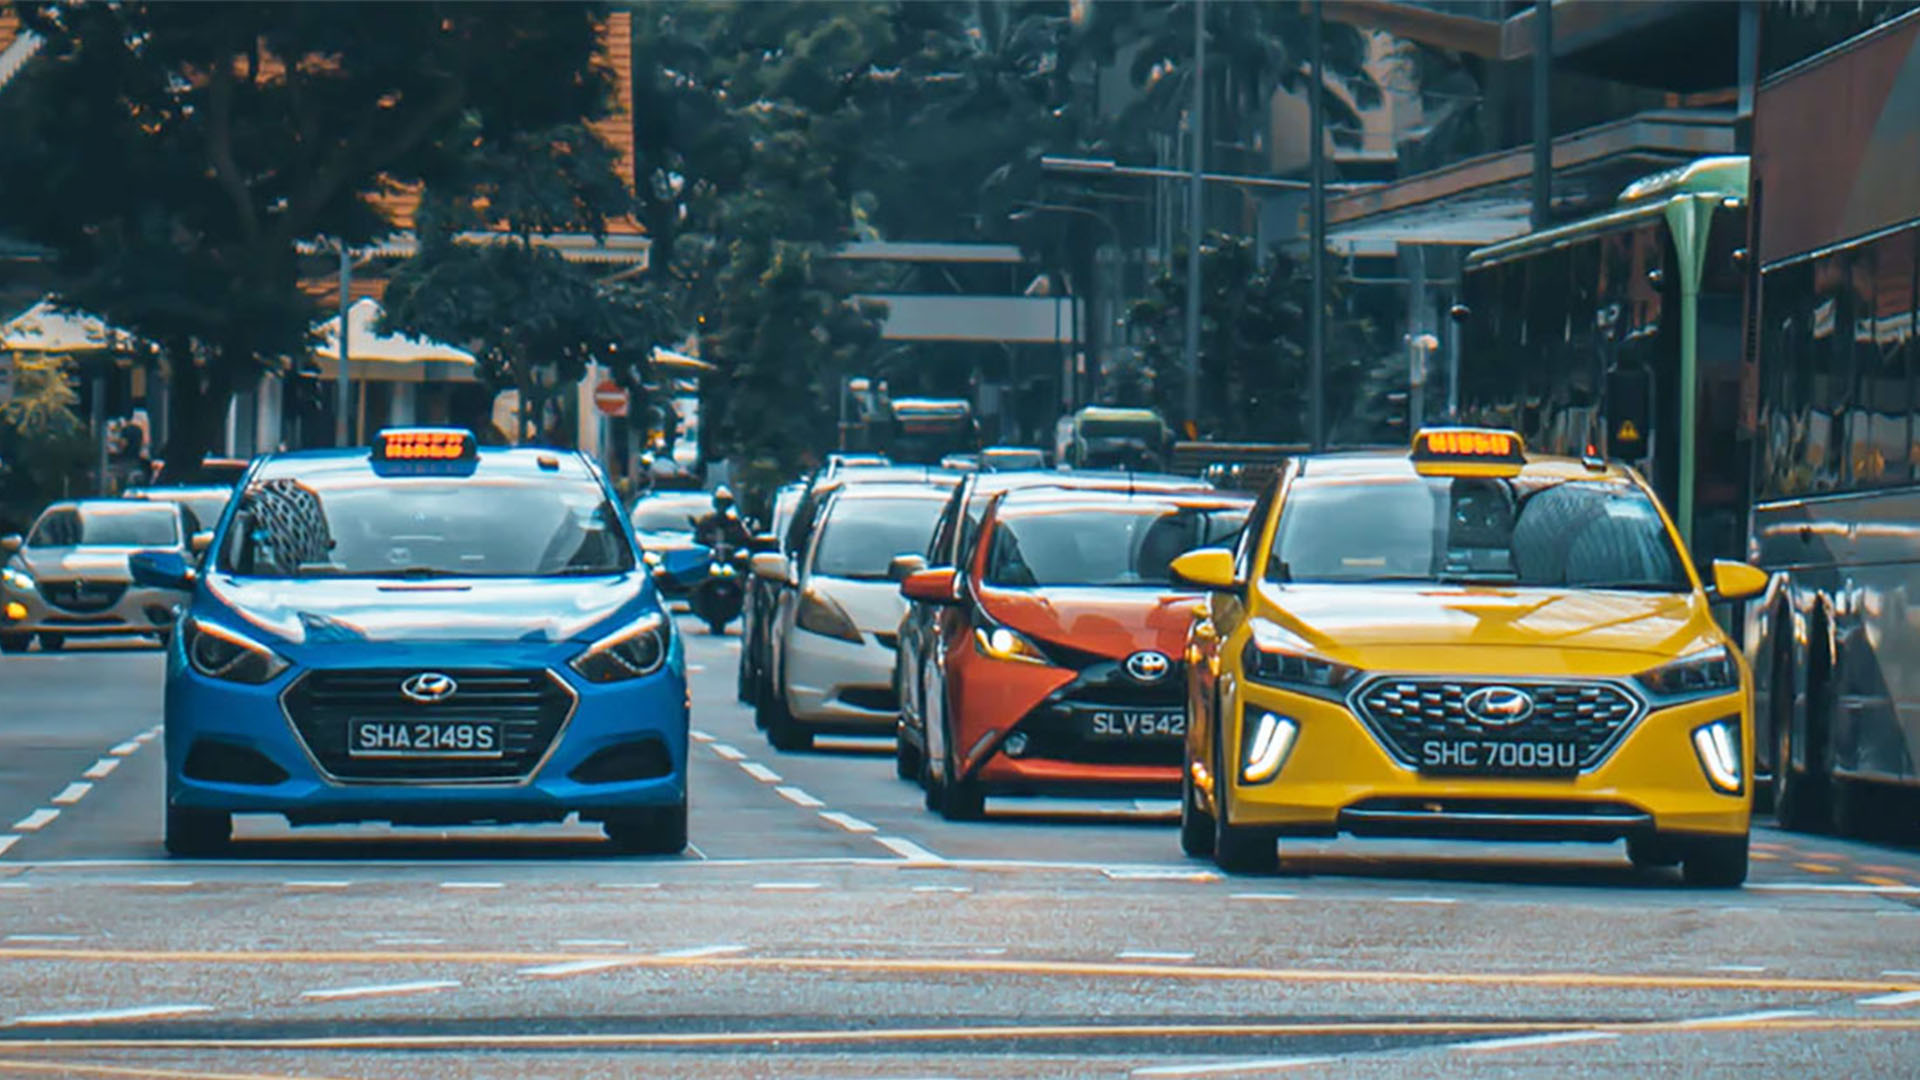 Максимум 2 человека в одном такси – поездки Сингапуре во время режима повышенной опасности